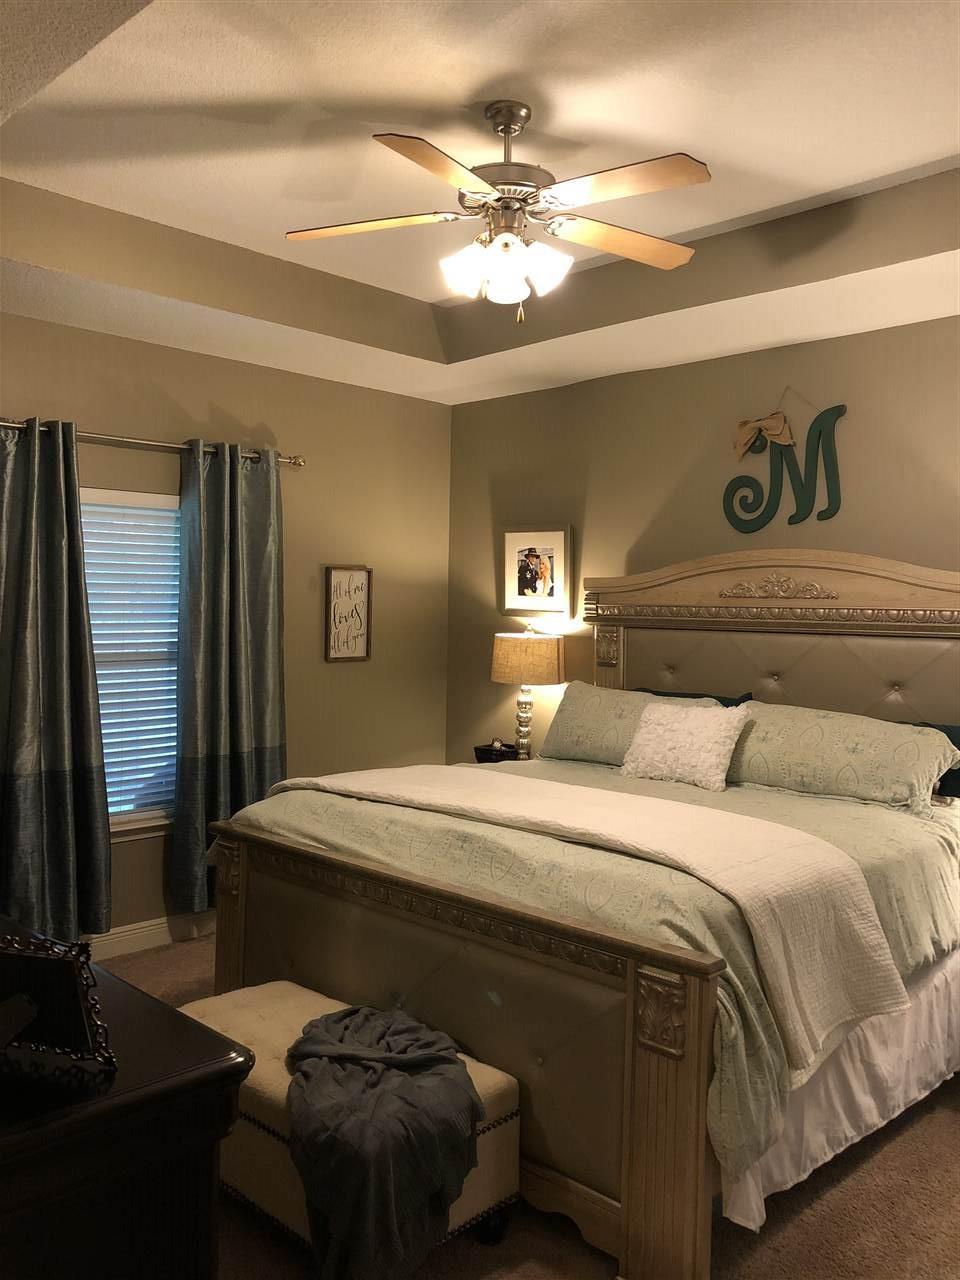 1413 Keylan Cv, Pensacola, FL 32534